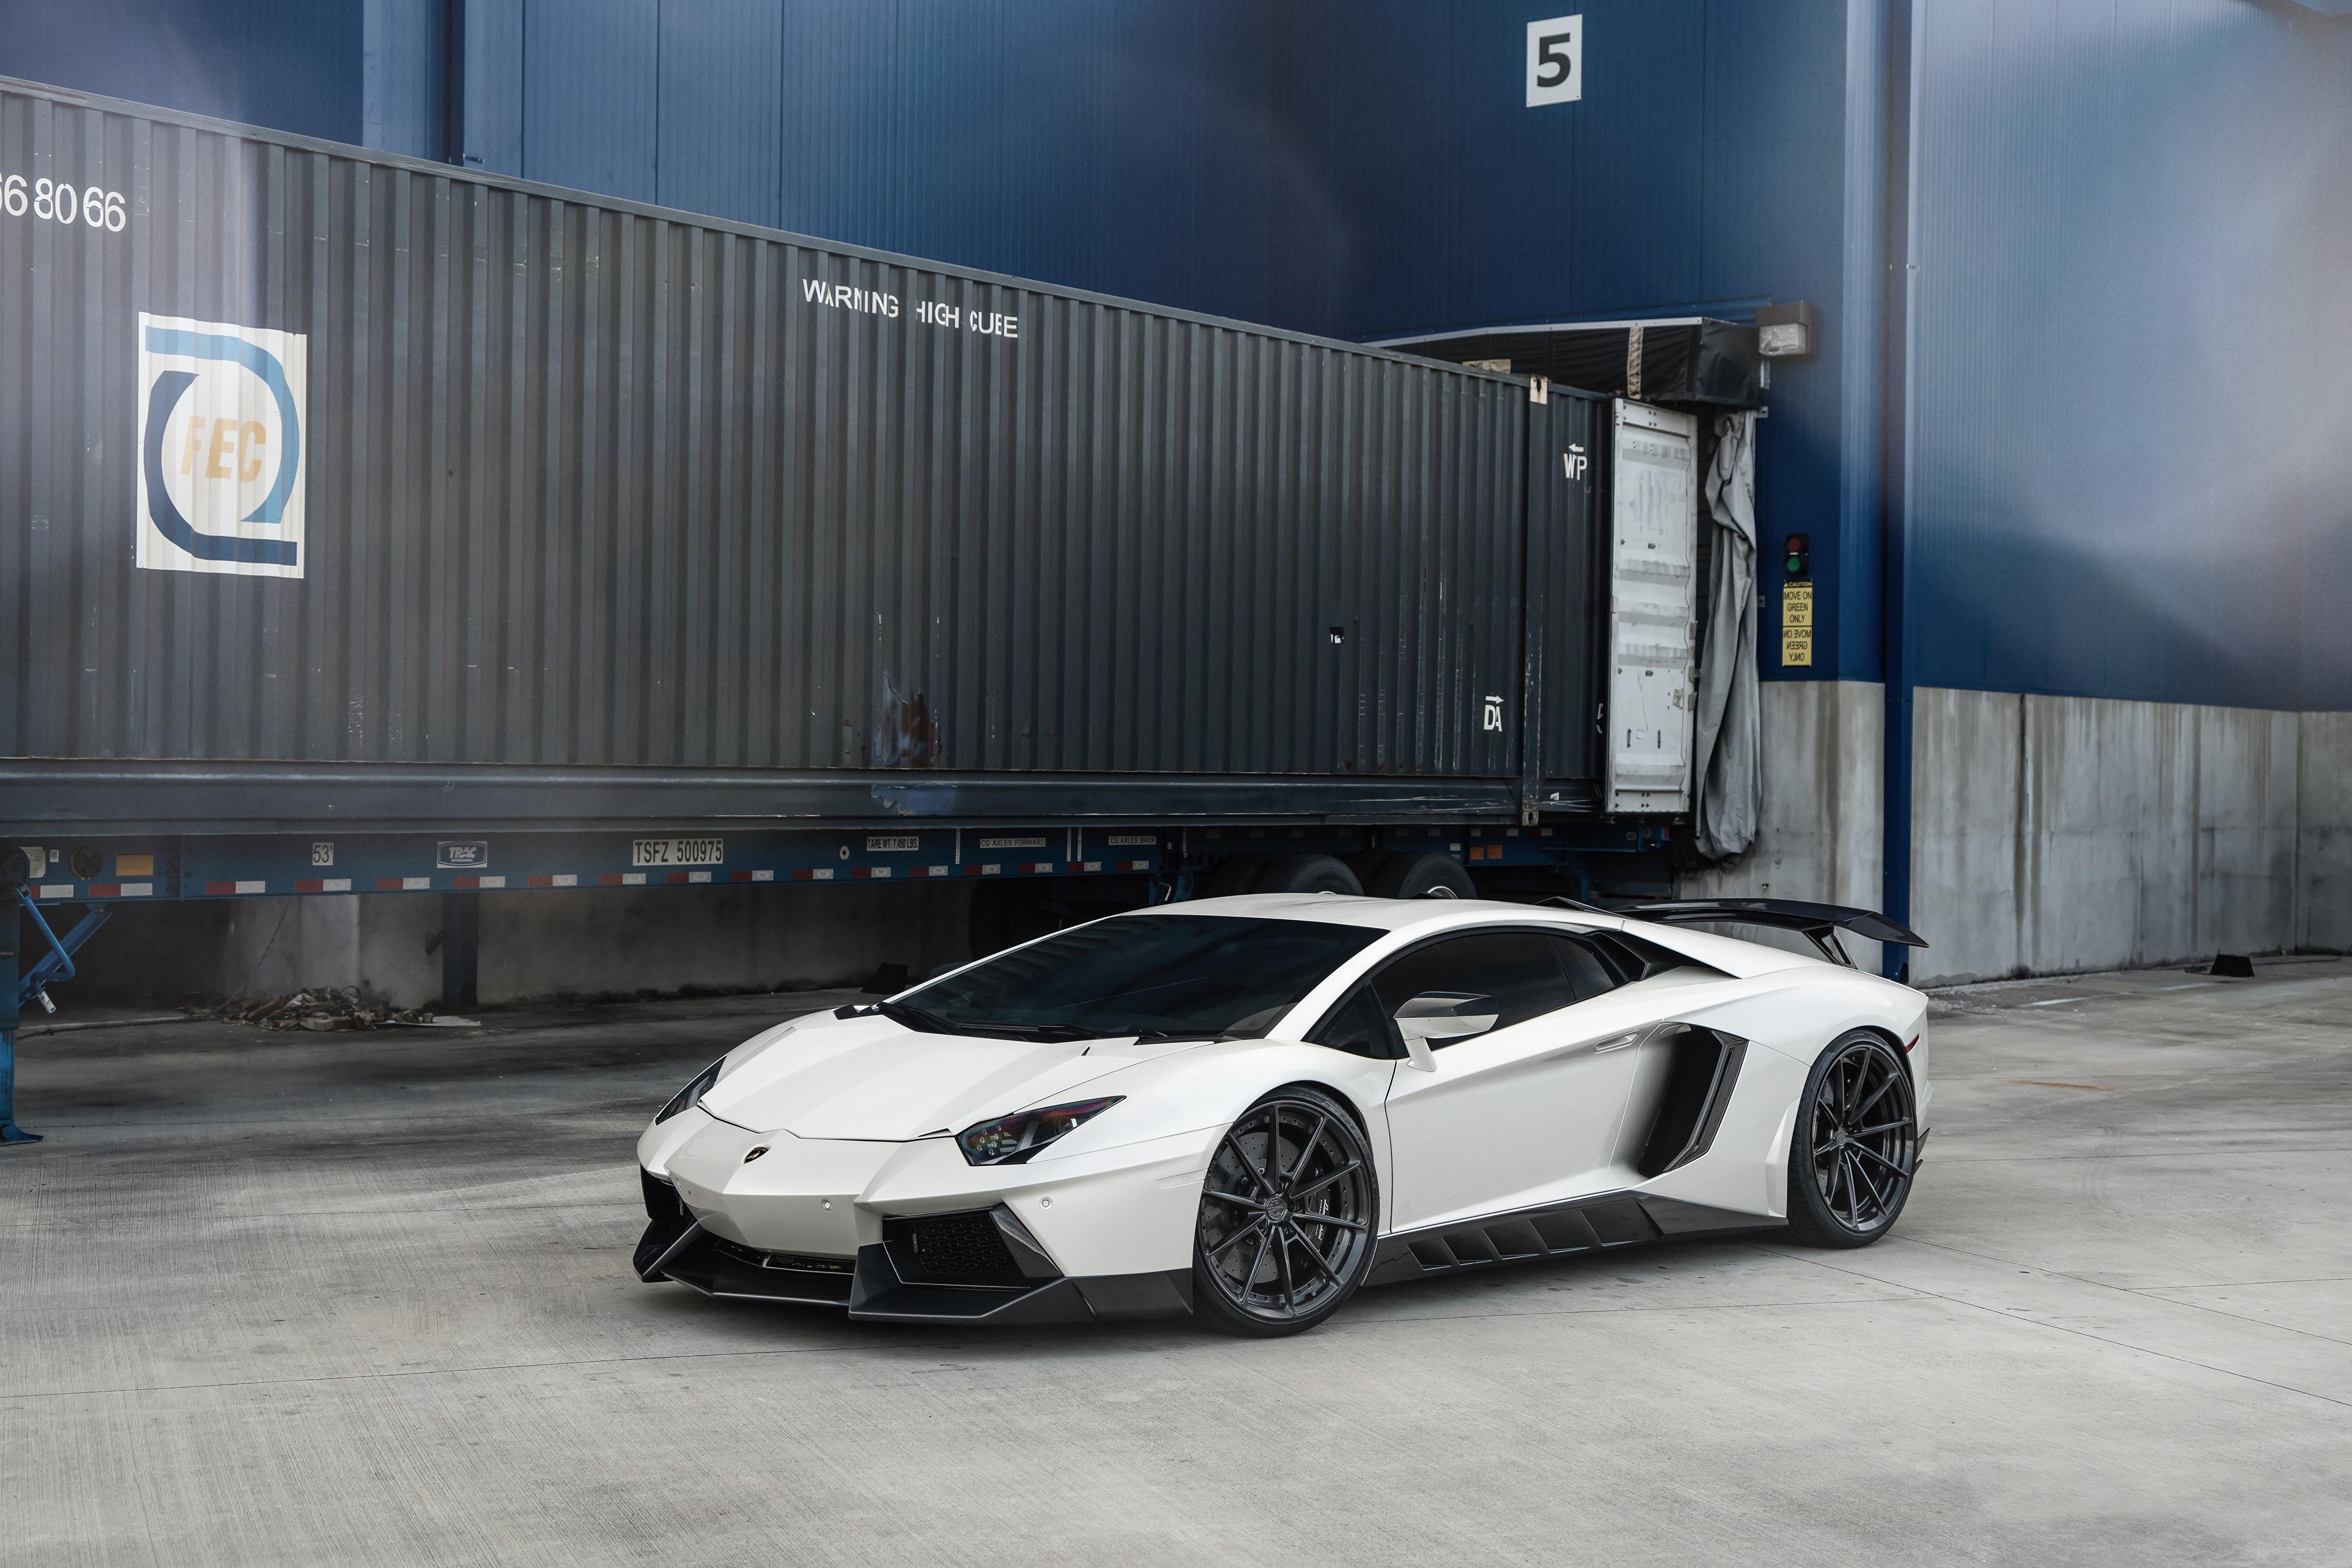 Фотография Ламборгини LP700 ANRKY AN28 белых машина 5120x3414 Lamborghini белая белые Белый авто машины Автомобили автомобиль